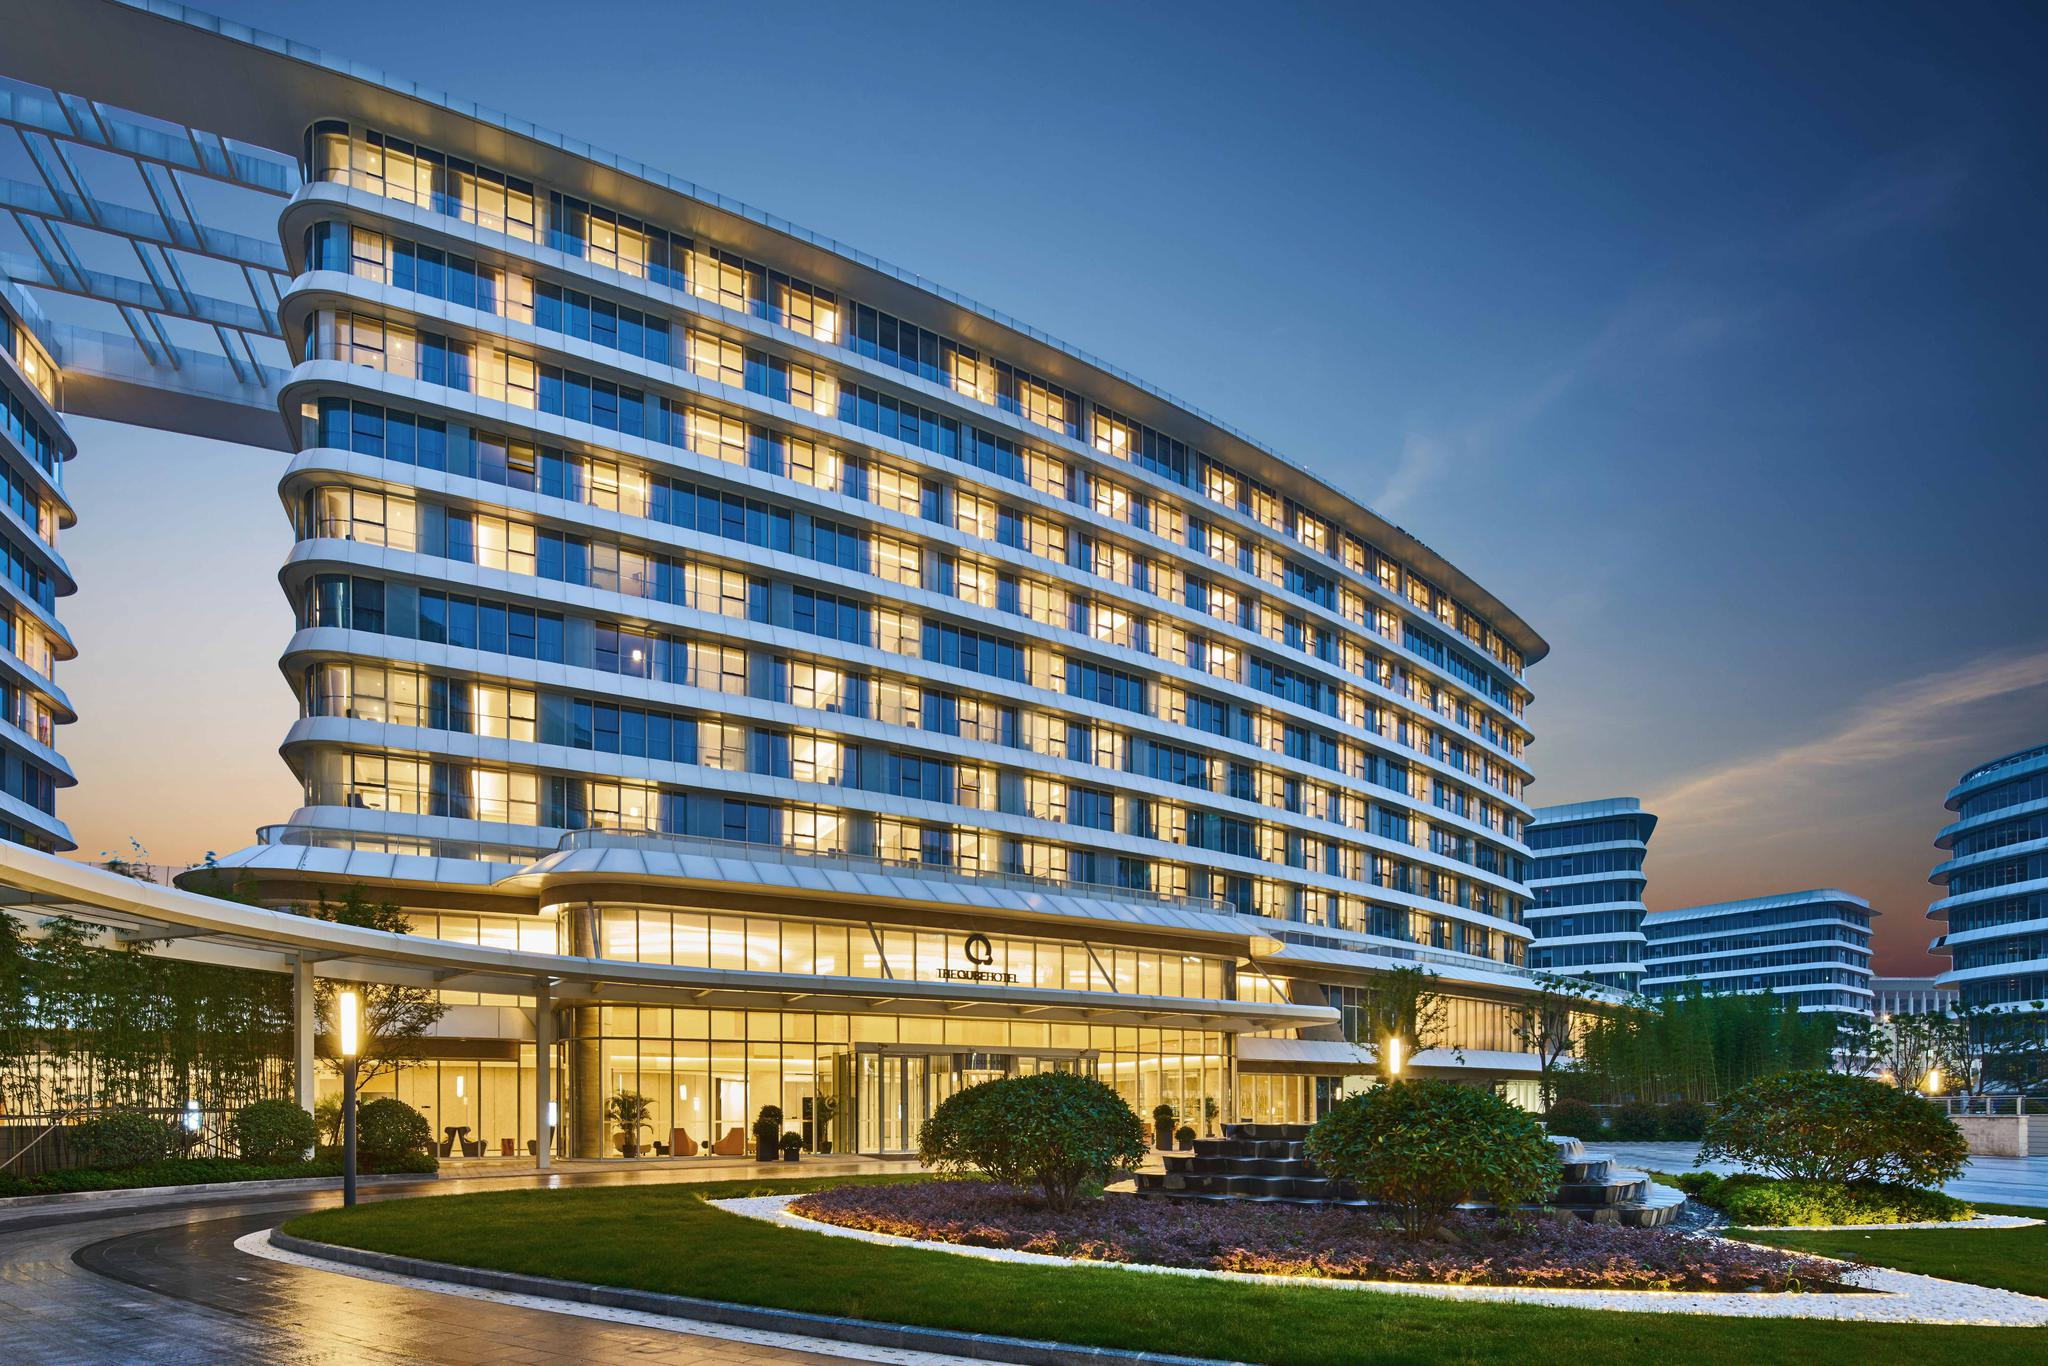 上海虹桥绿地世界中心 铂瑞酒店及铂骊酒店获 最佳商务酒店 奖